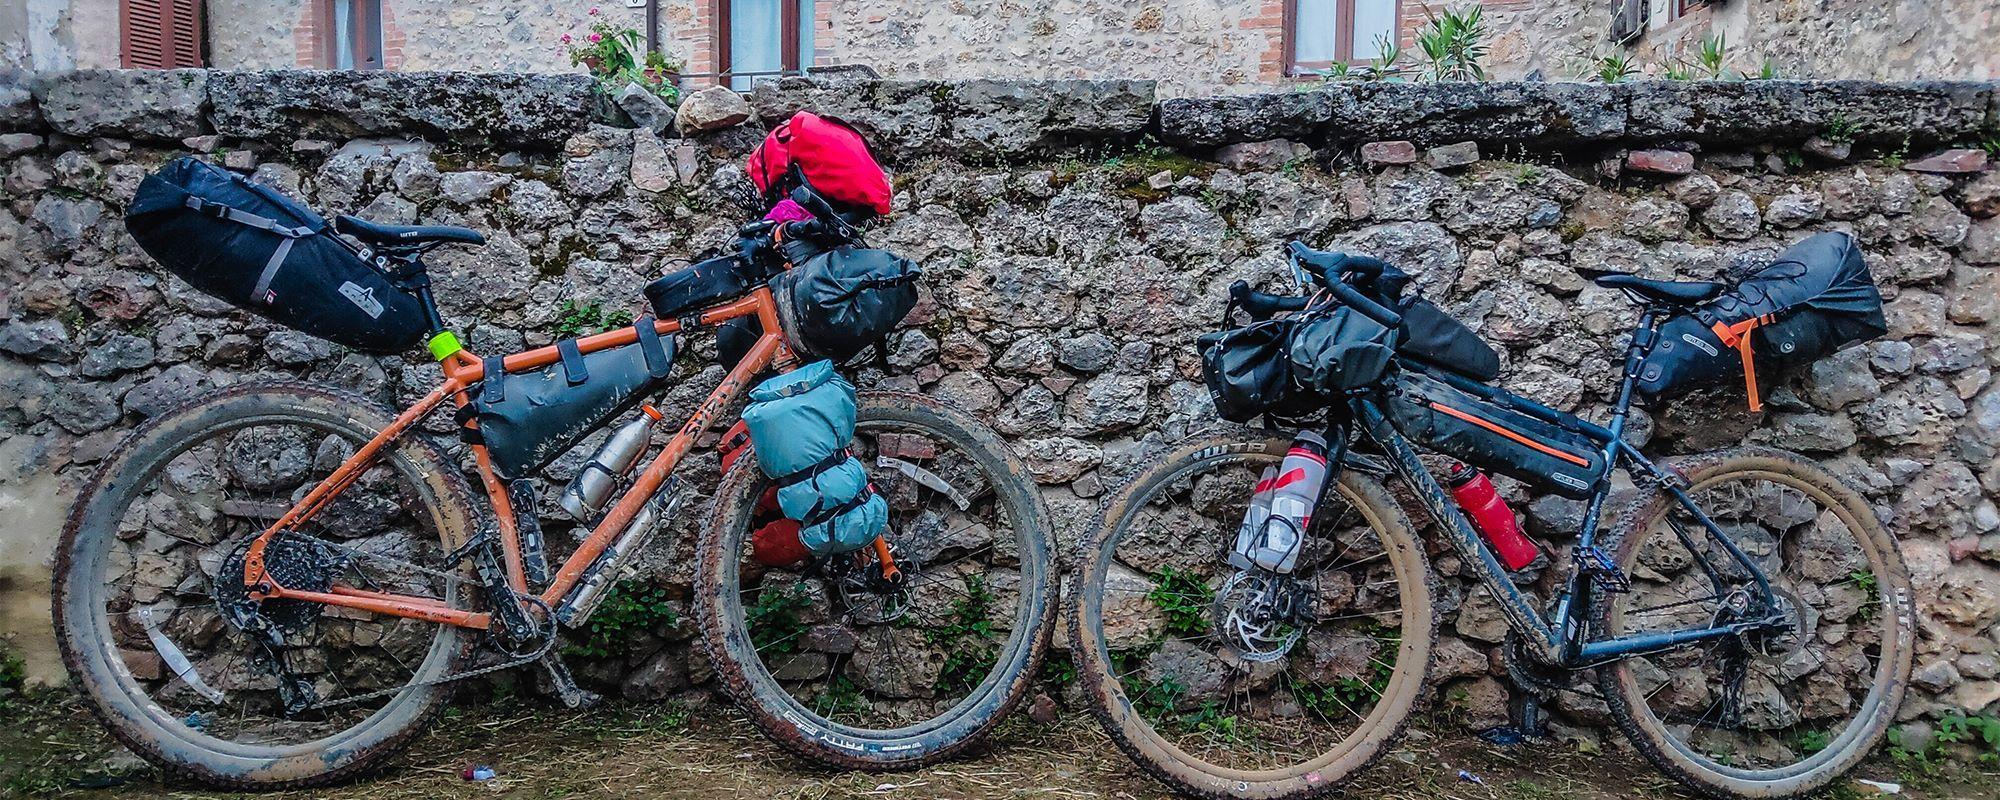 Ultimative Bikepacking Ausrüstung und Packliste